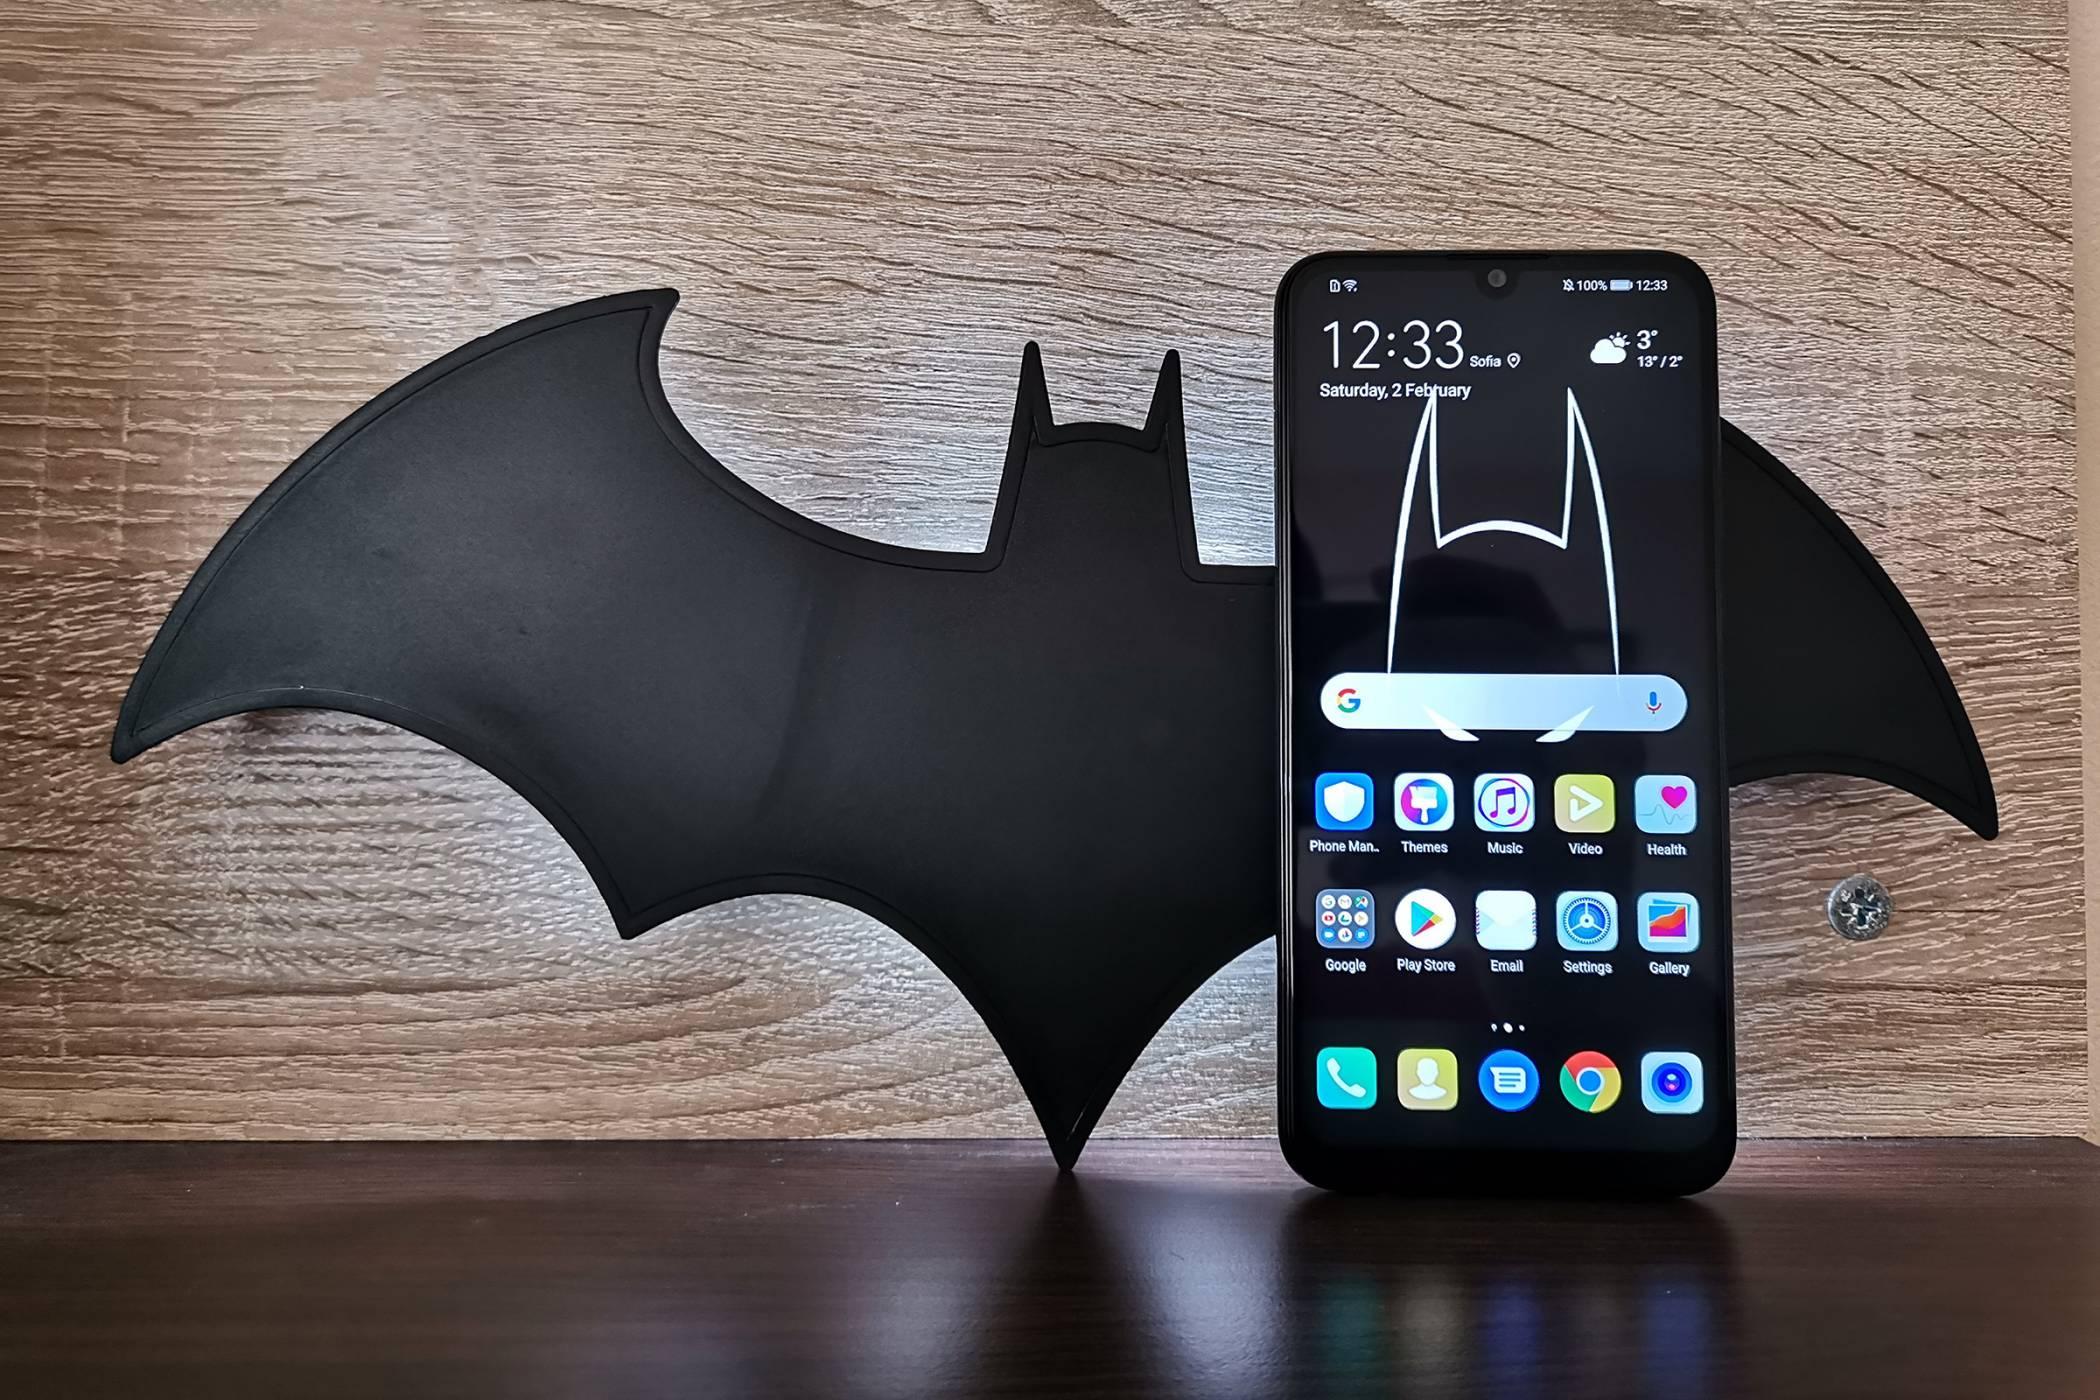 Huawei P Smart 2019: дежавю с приятен обрат (ревю)